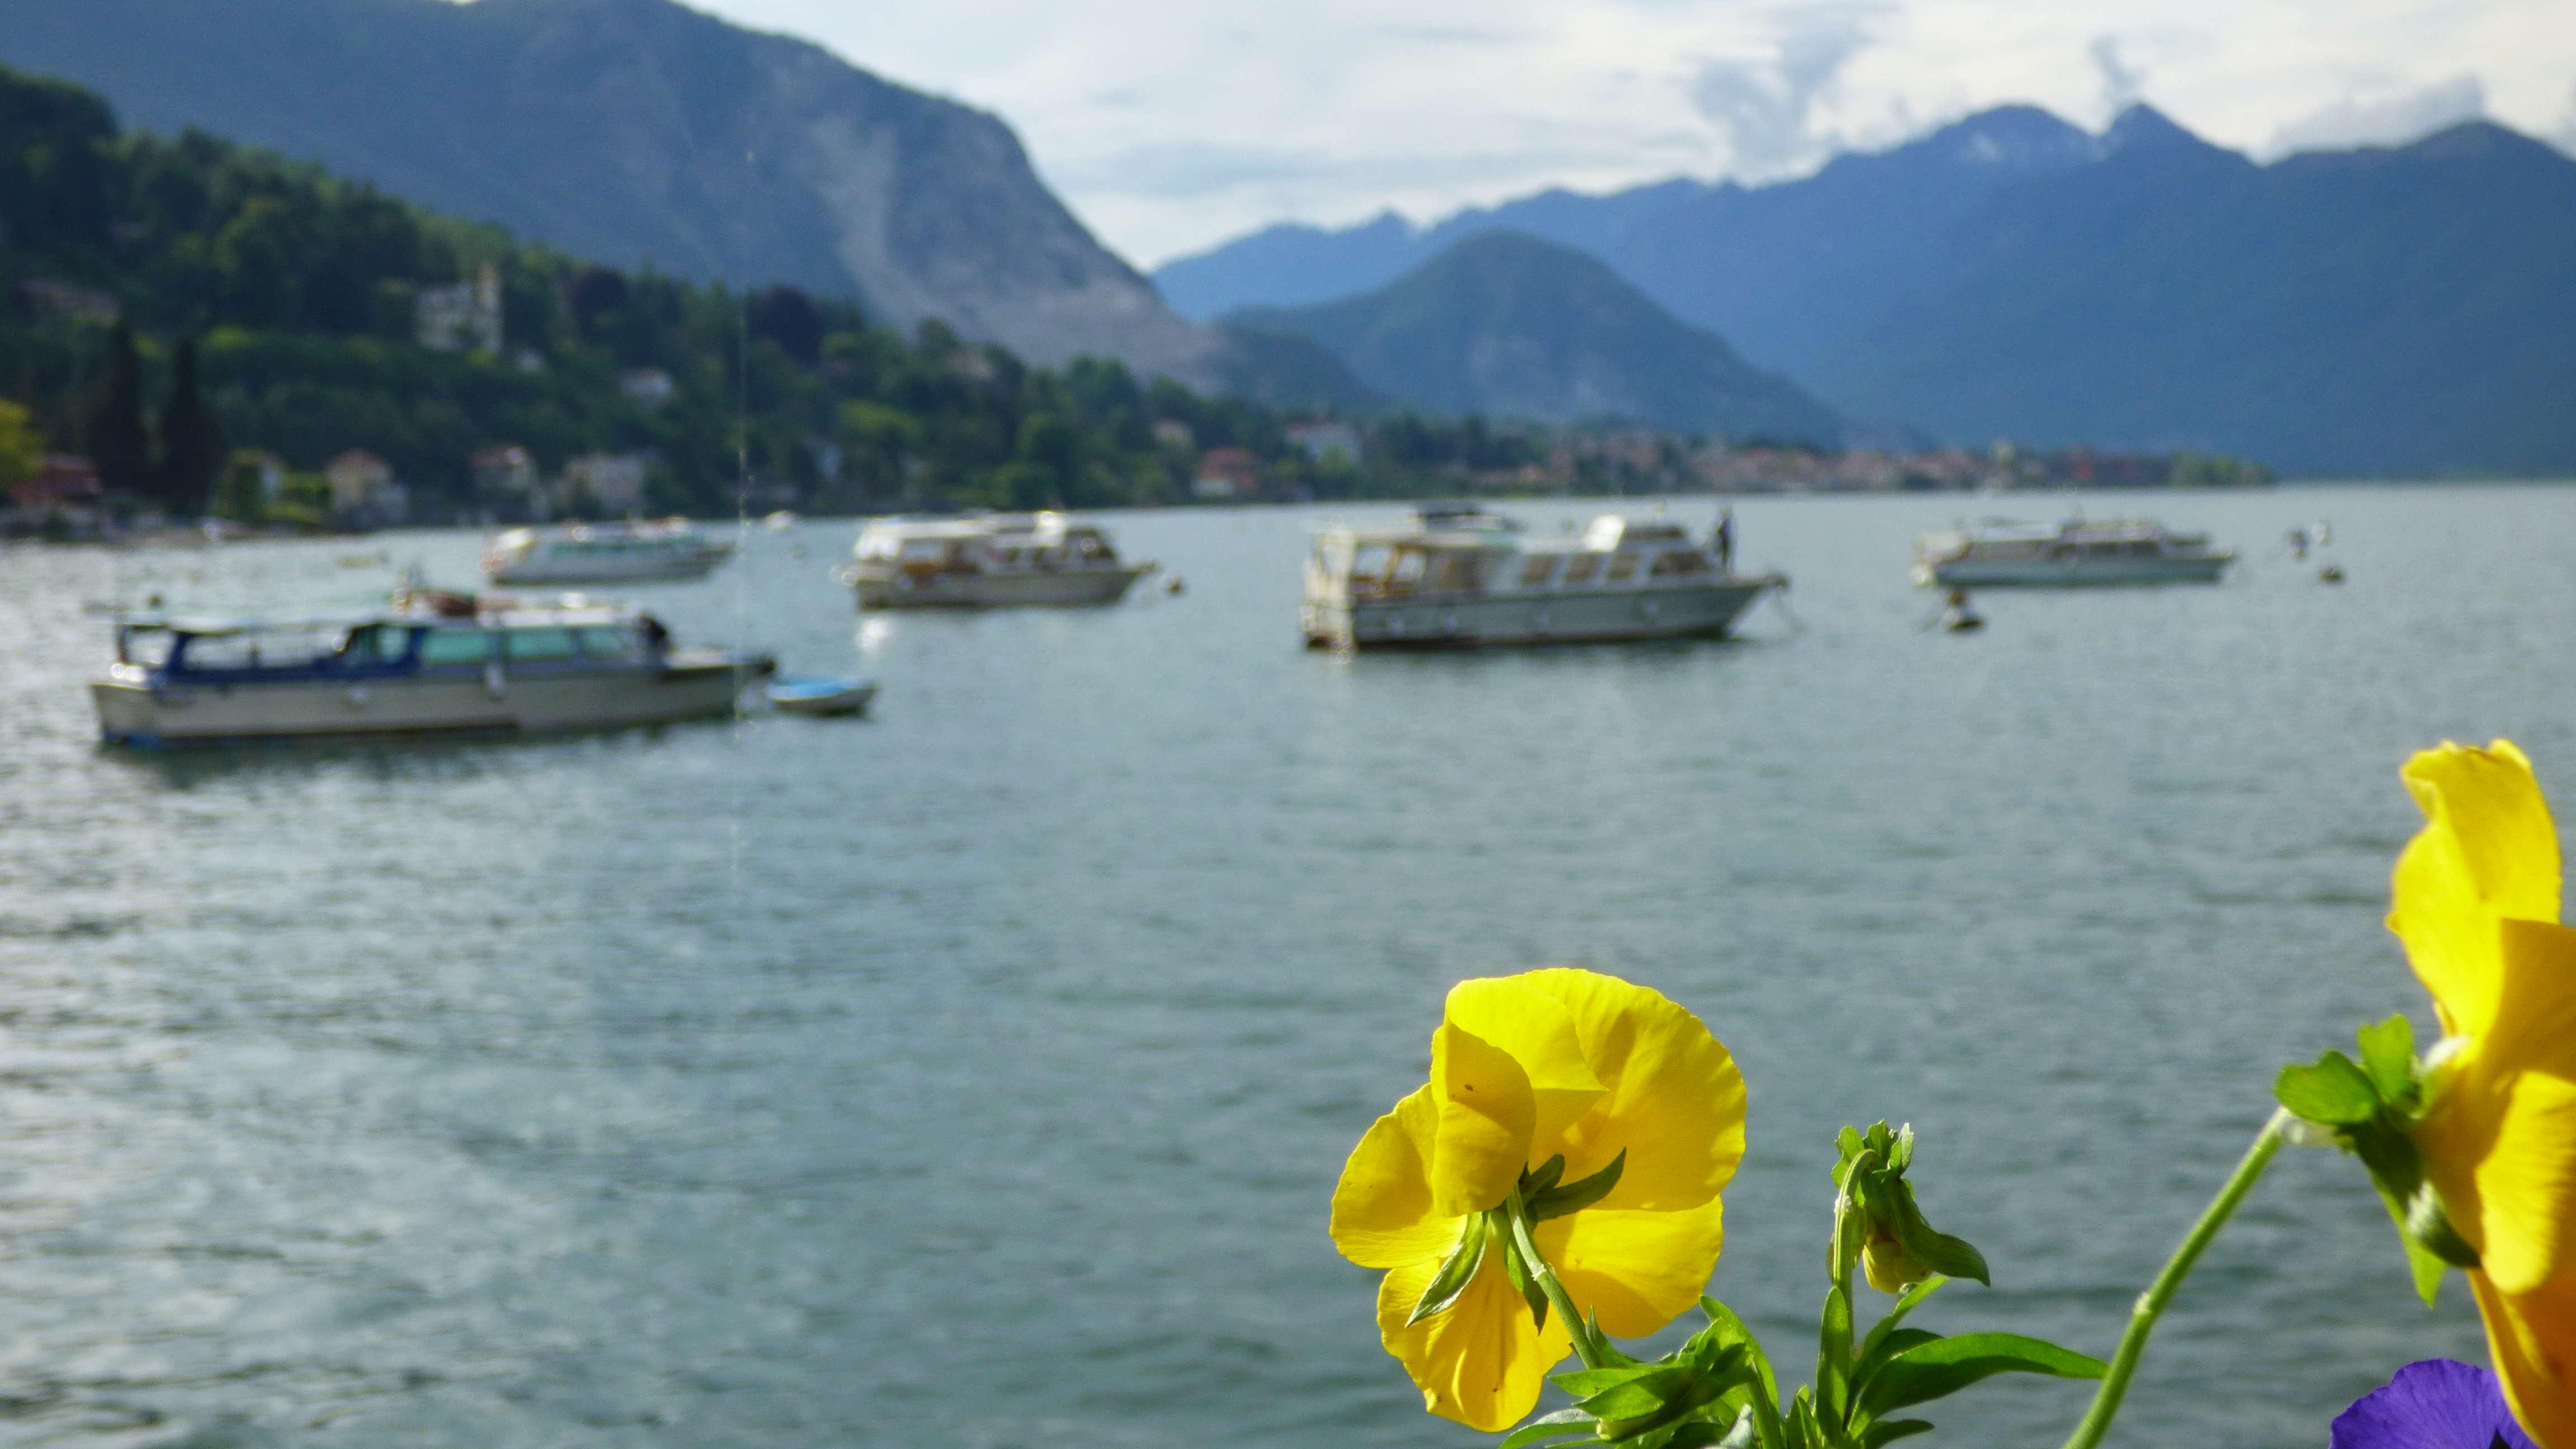 Au retour de vacances dans la région des lacs Italiens P1030121